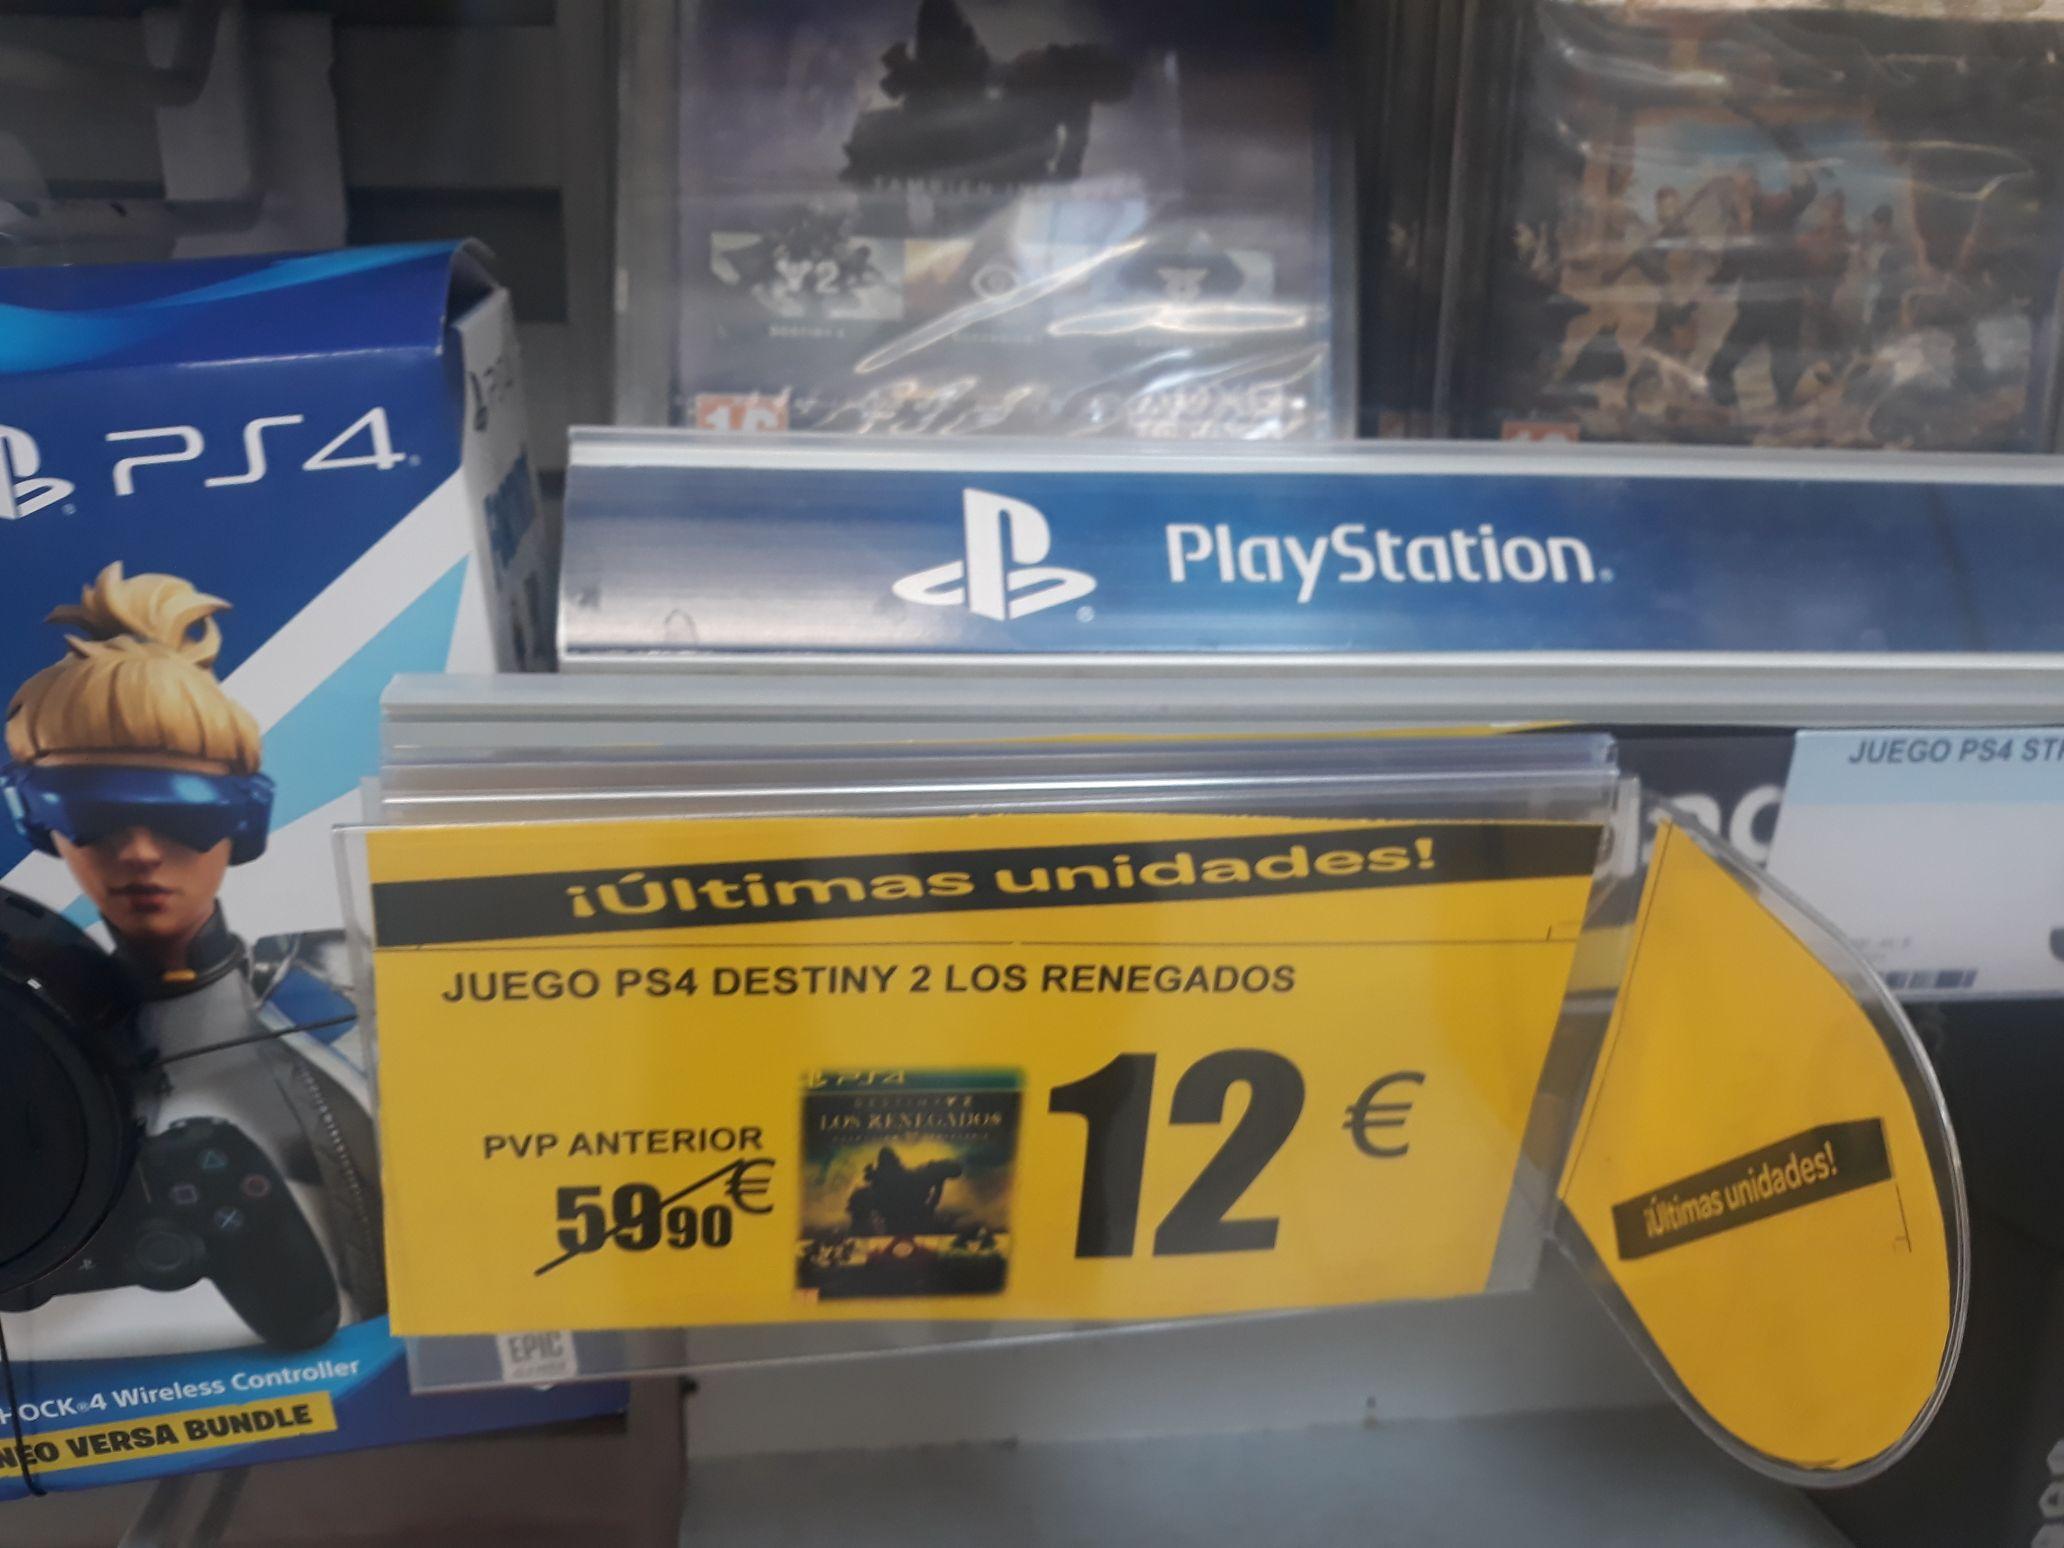 PS4 Destiny 2: Los Renegados Colección Legendaria Oferta Carrefour Alcala de Henares